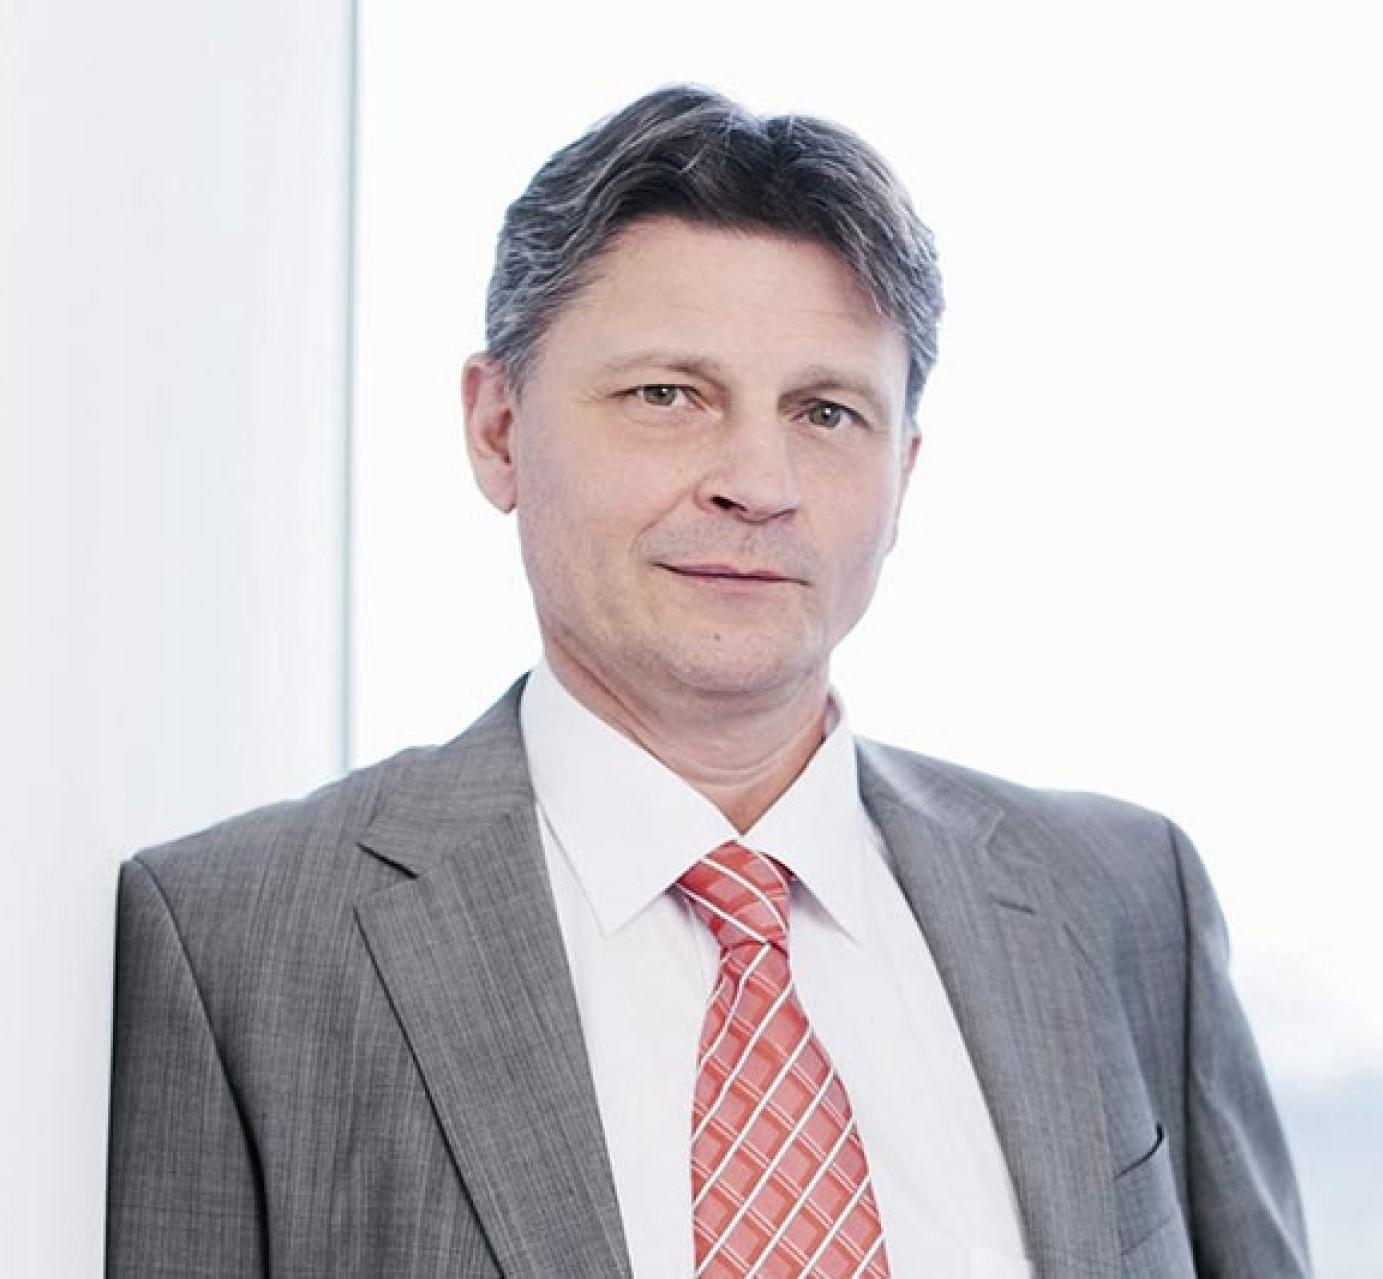 Gerhard Schenk, Apleona HSG GmbH